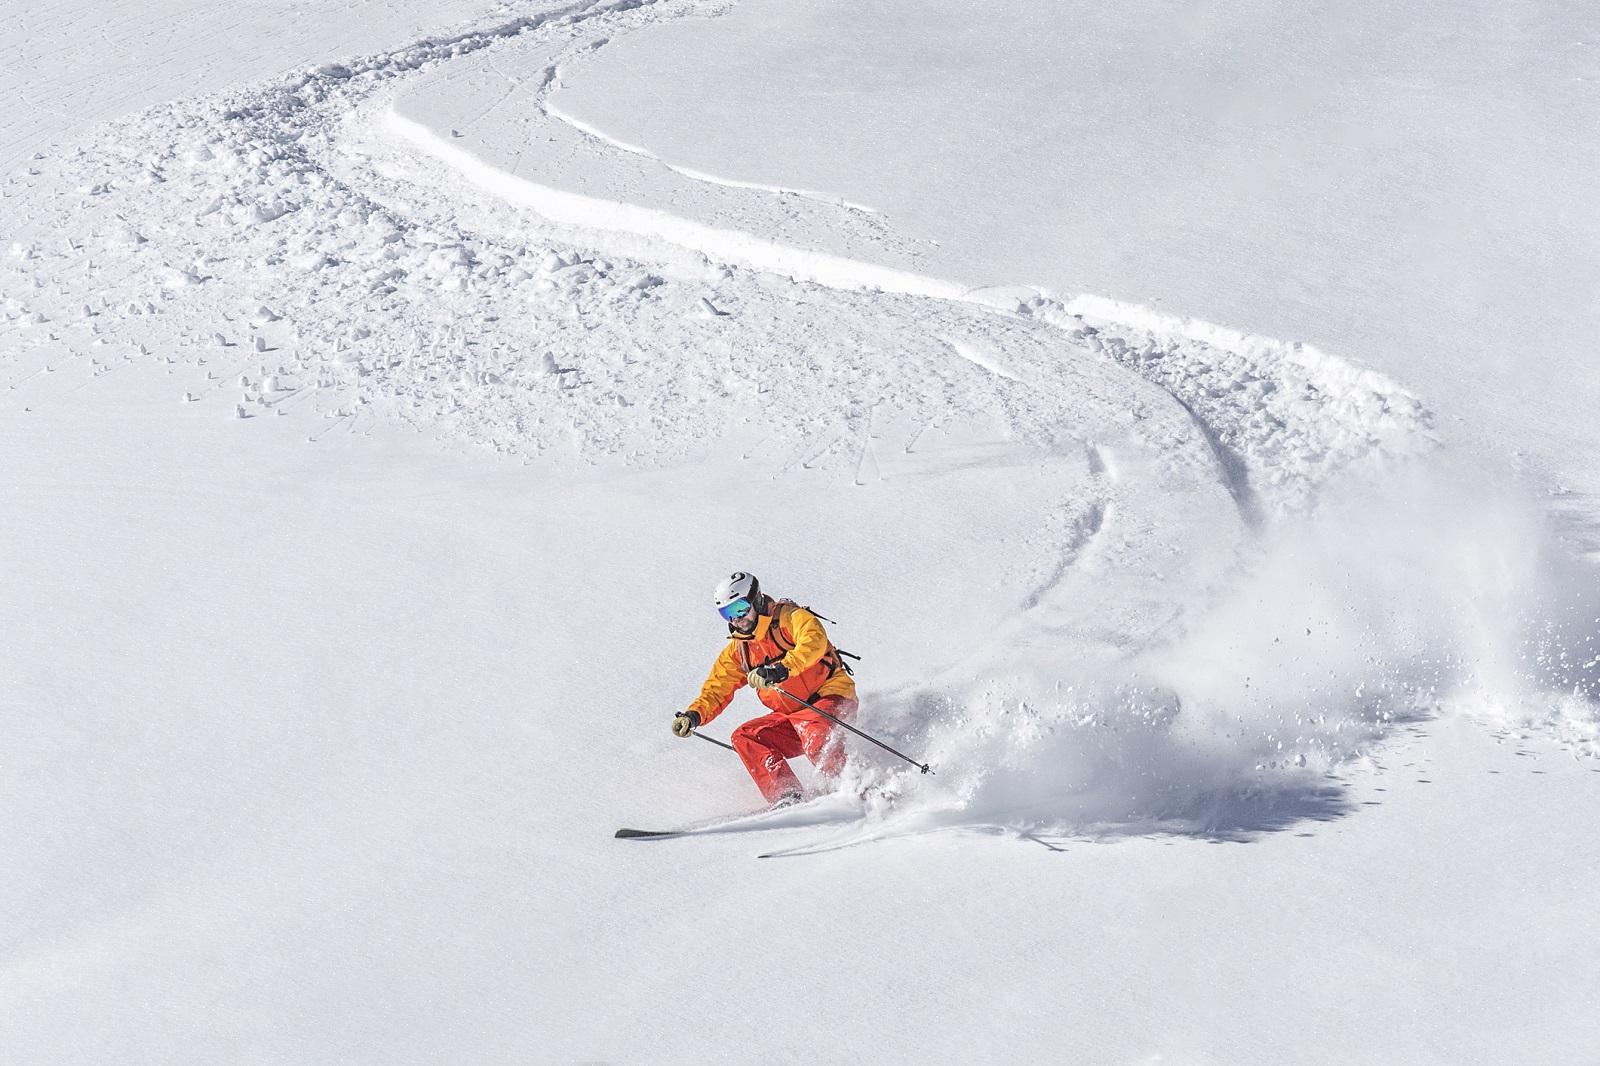 ośrodków narciarskich w Karkonoszach